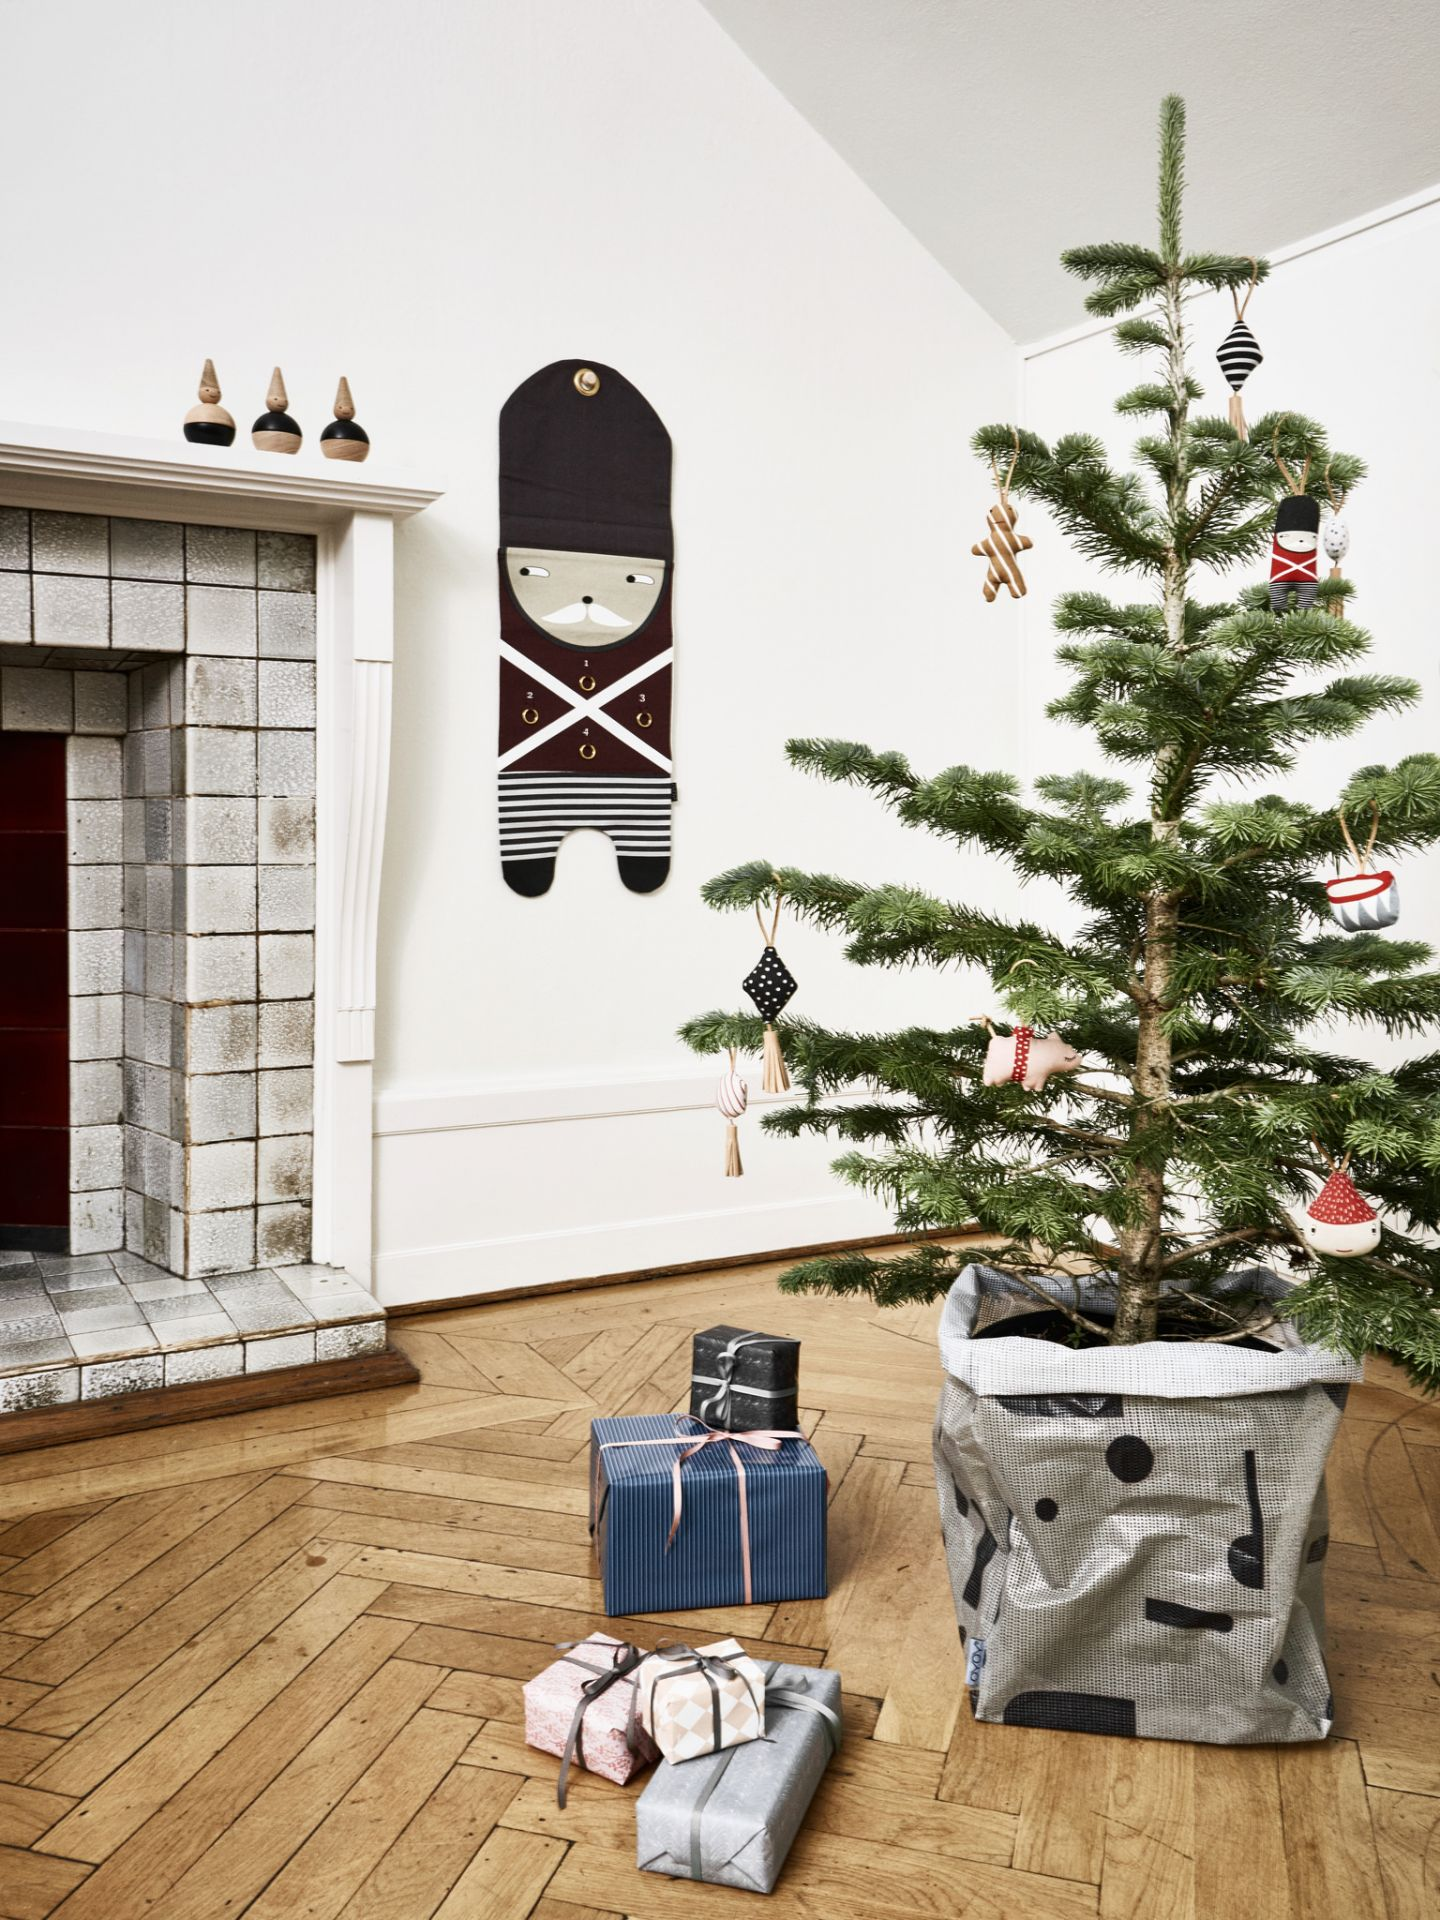 https://www.nordicday.cz/dekorace/textilni-vanocni-ozdoby-christmas-set-5-ks/